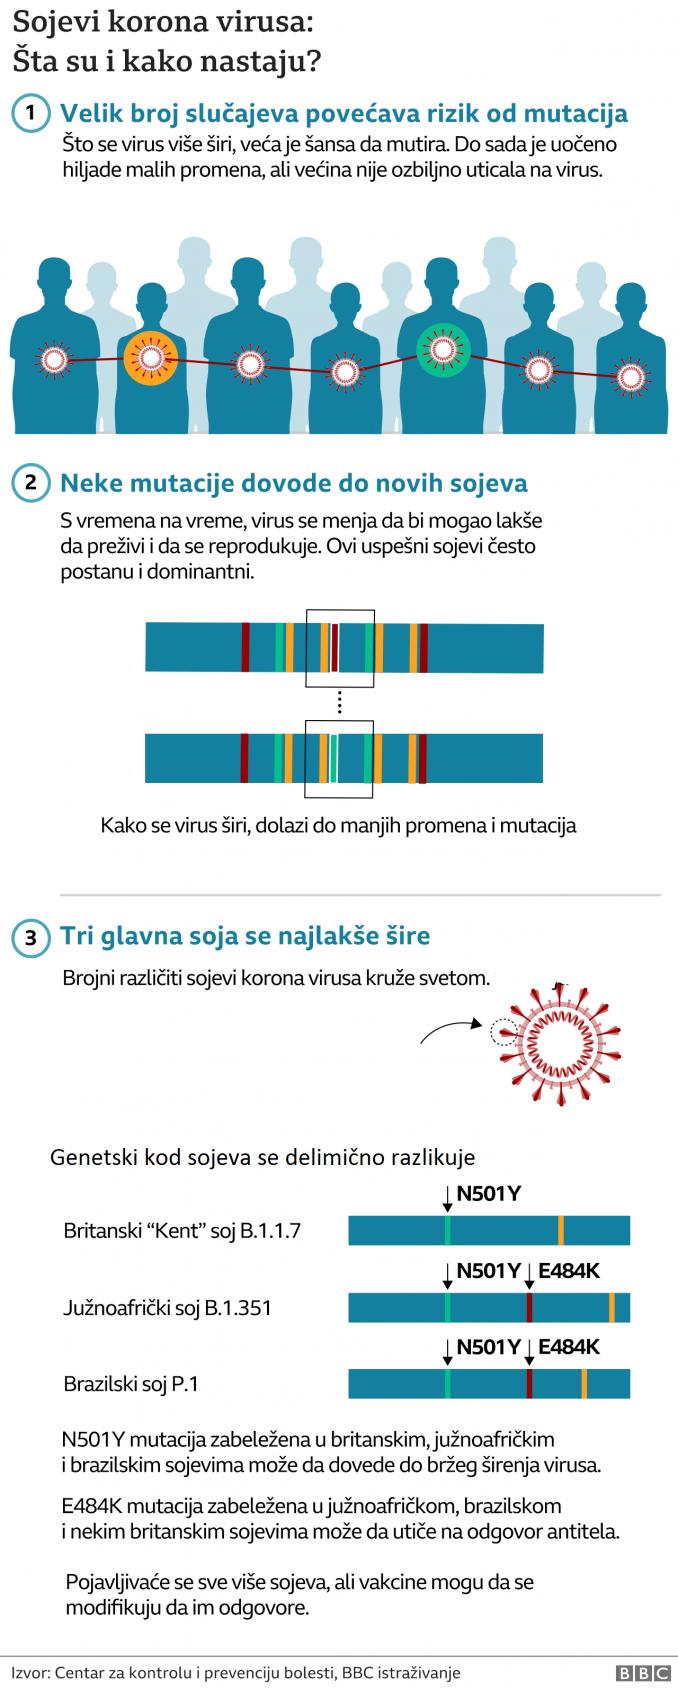 Korona virus: Apel lekara u Srbiji - bez opuštanja, brazilski soj virusa u Britaniji za novu brigu 5